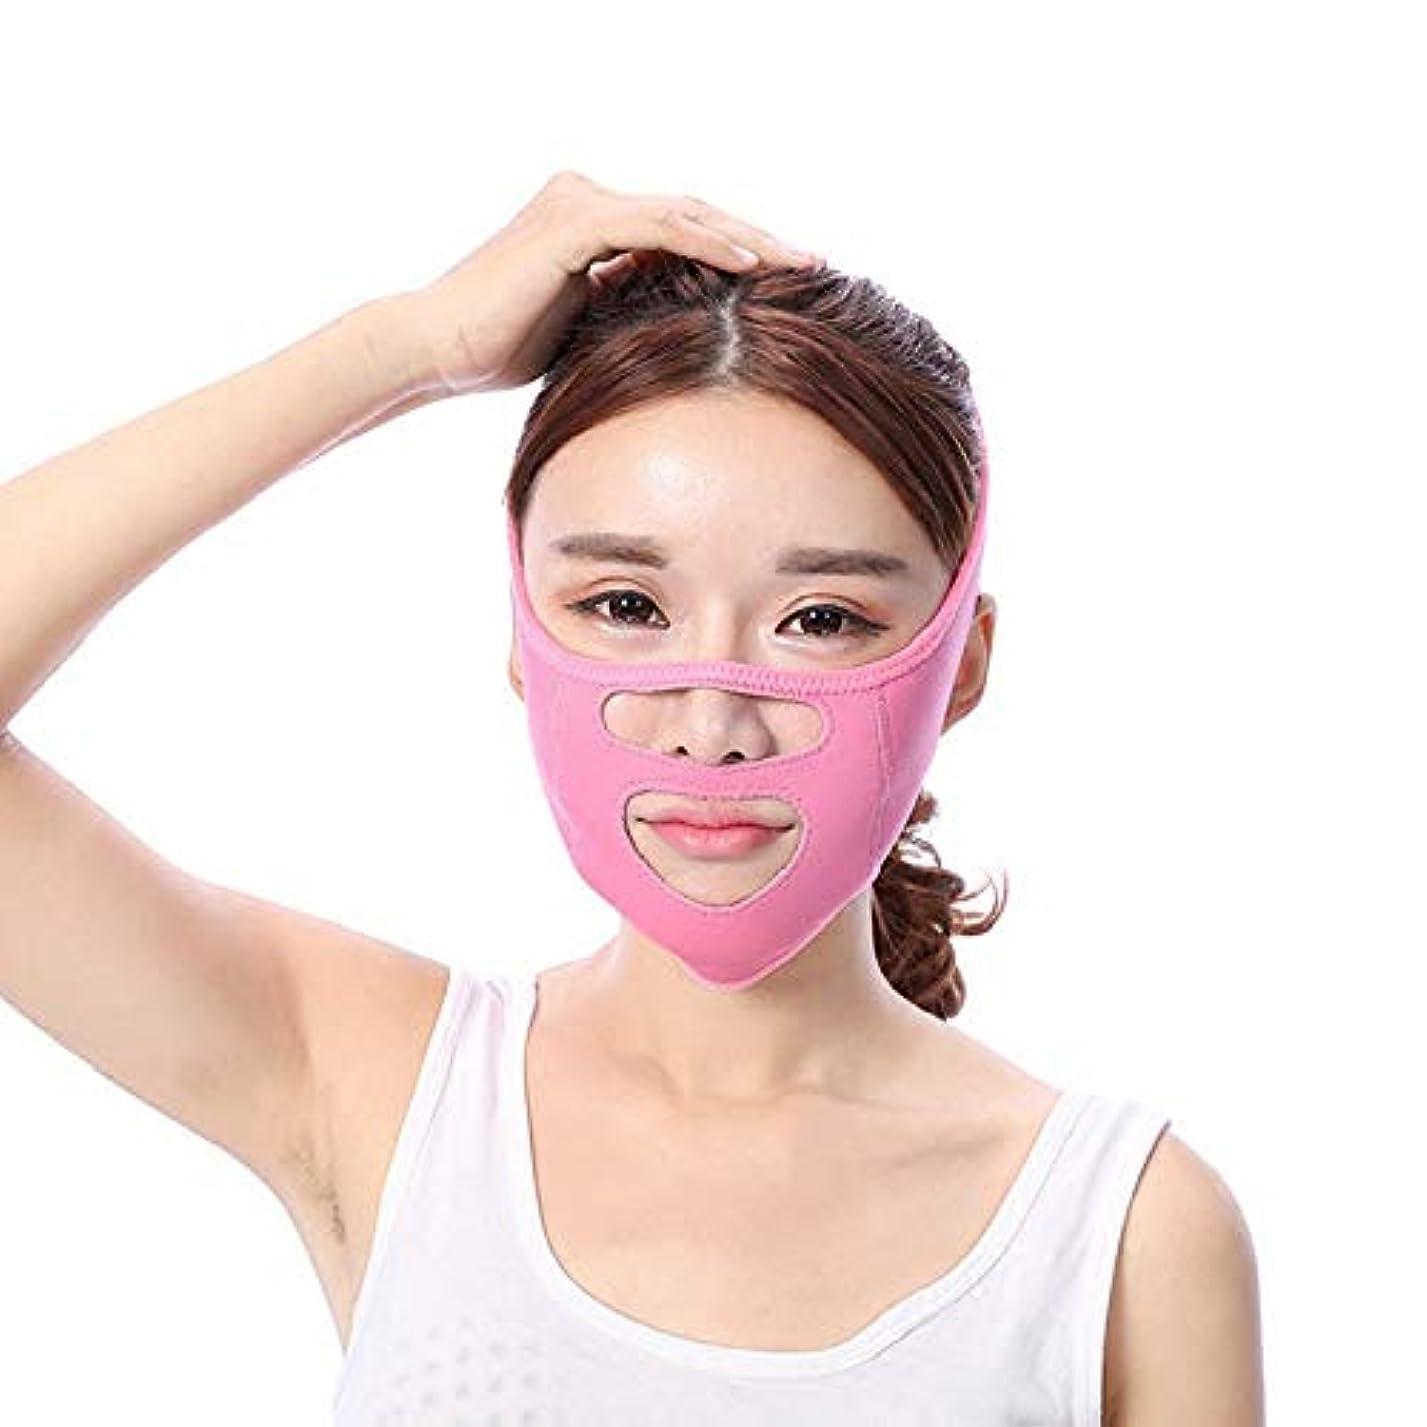 腹痛卑しい証言フェイスリフトベルト フェイスリフトベルトフェイスバンデージ美容機器リフティングファインディングダブルチン法令Vマスク睡眠マスク通気性